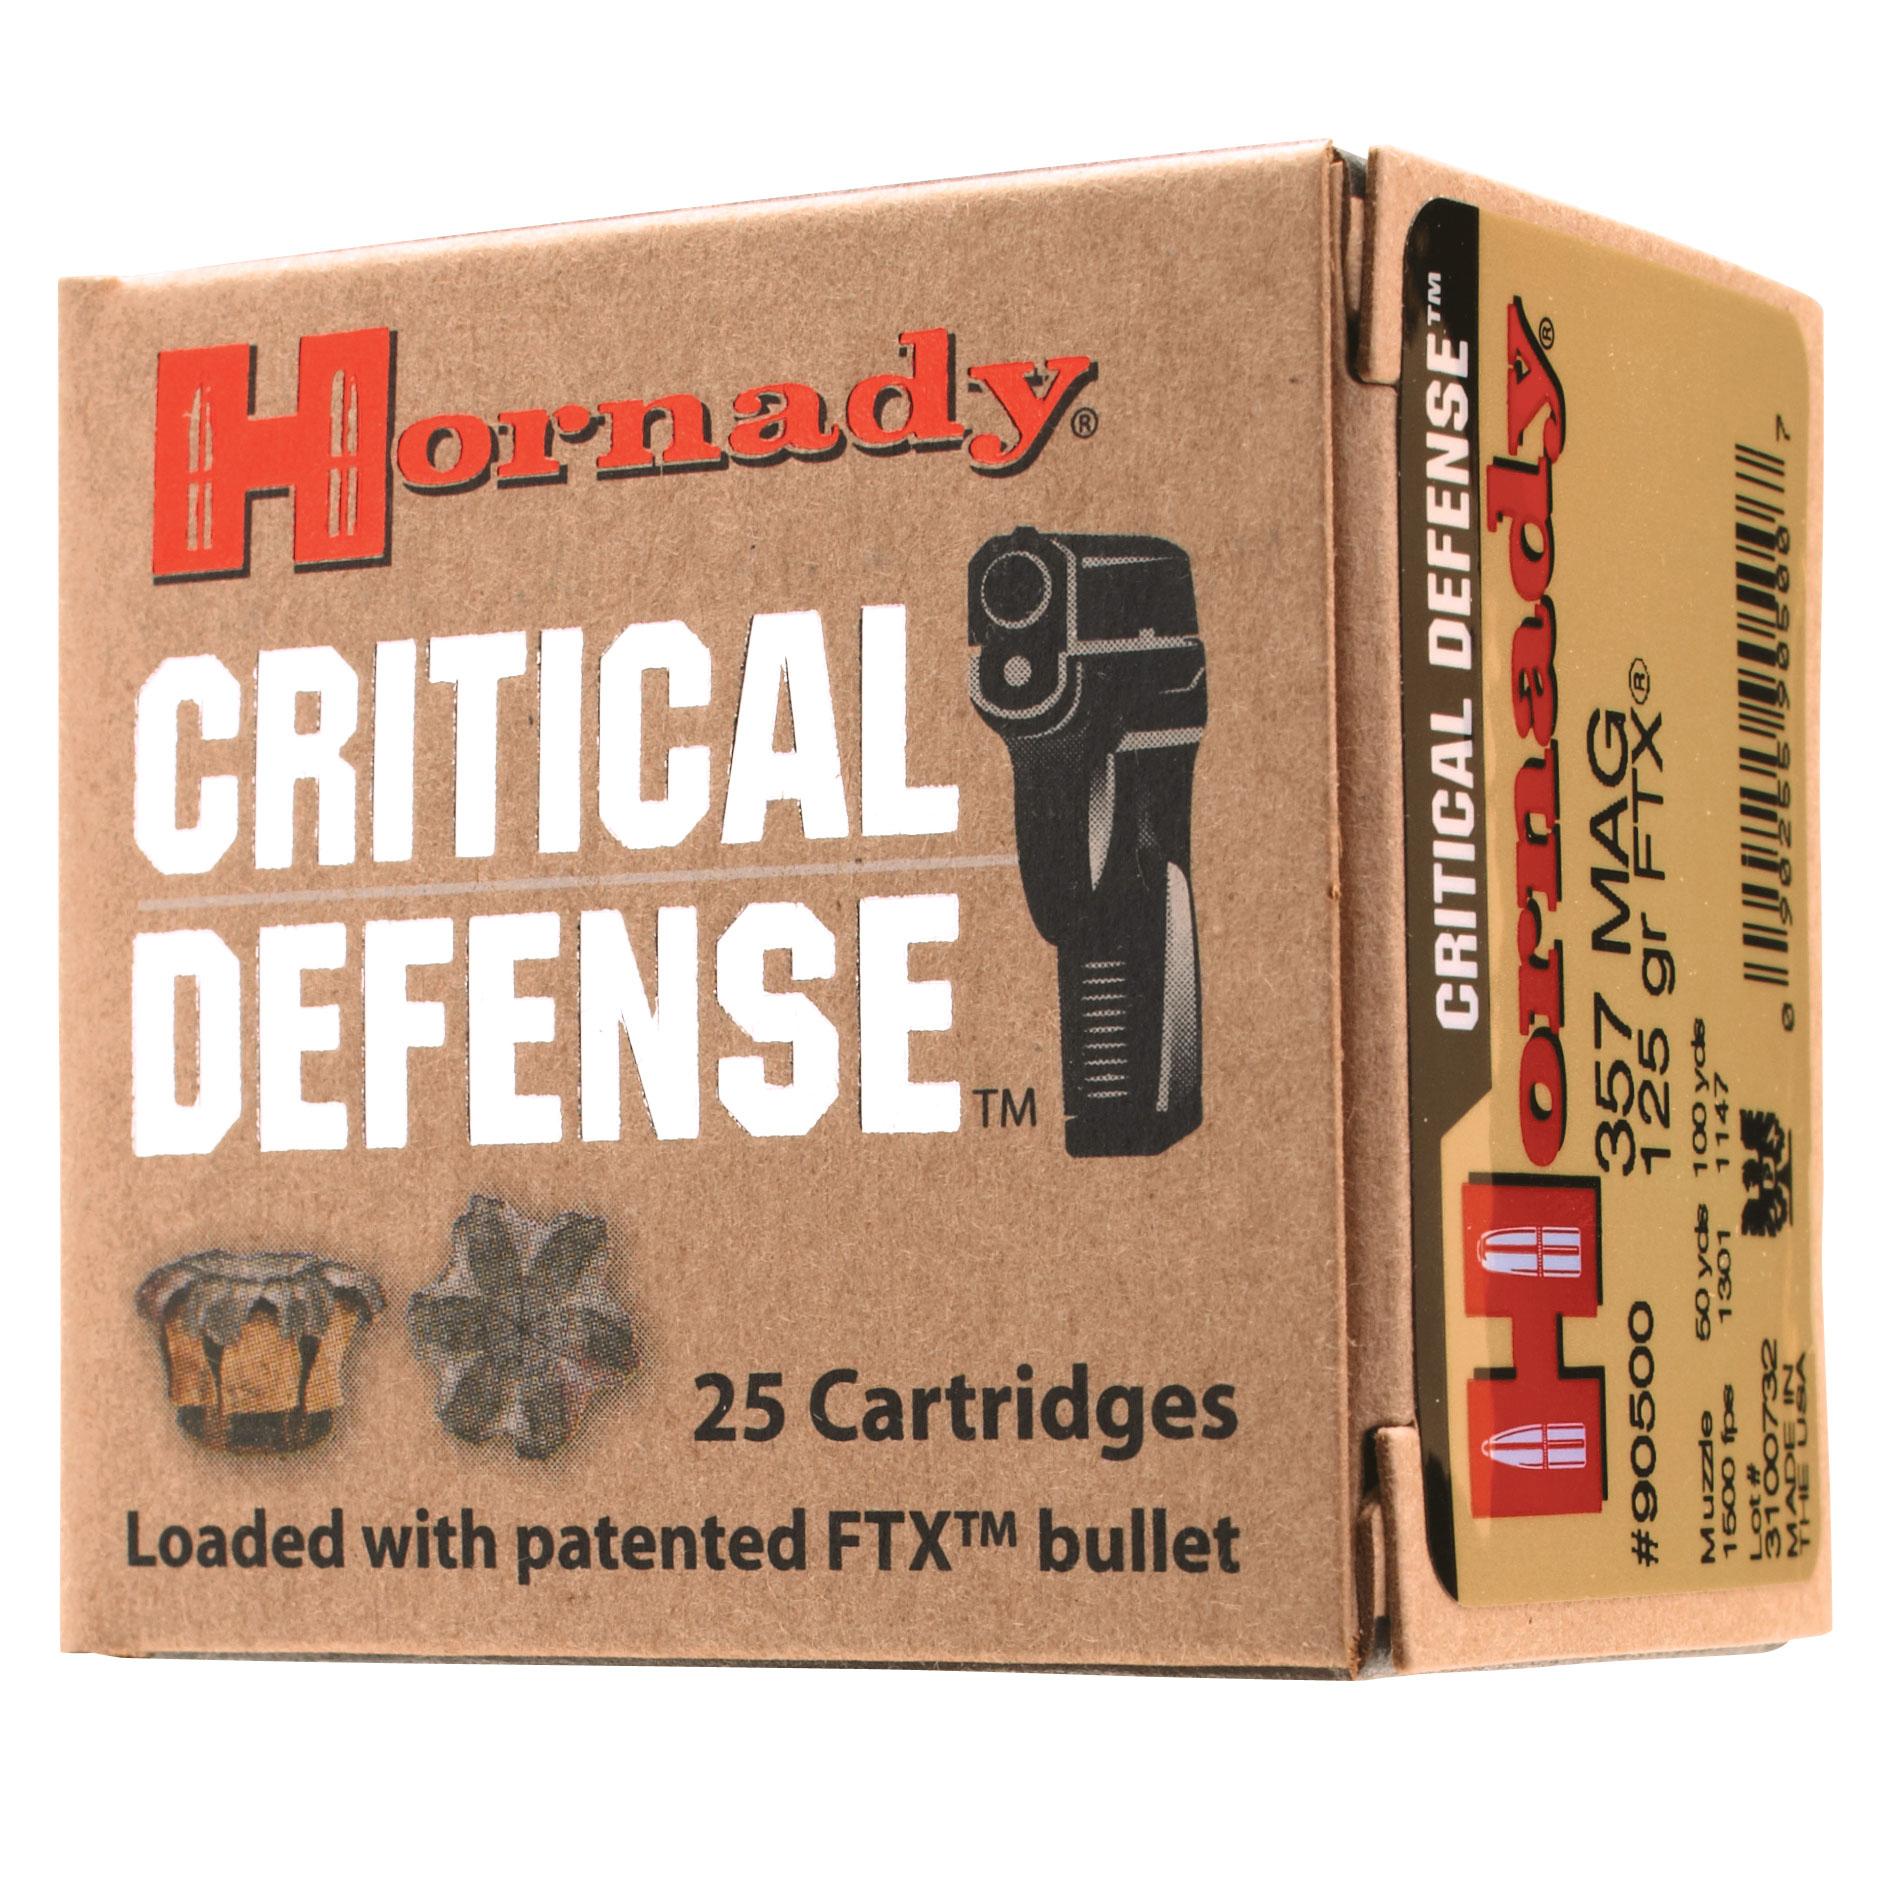 Hornady Critical Defense Handgun Ammo, 9mm Luger, 115-gr, FTX, 25 Rounds